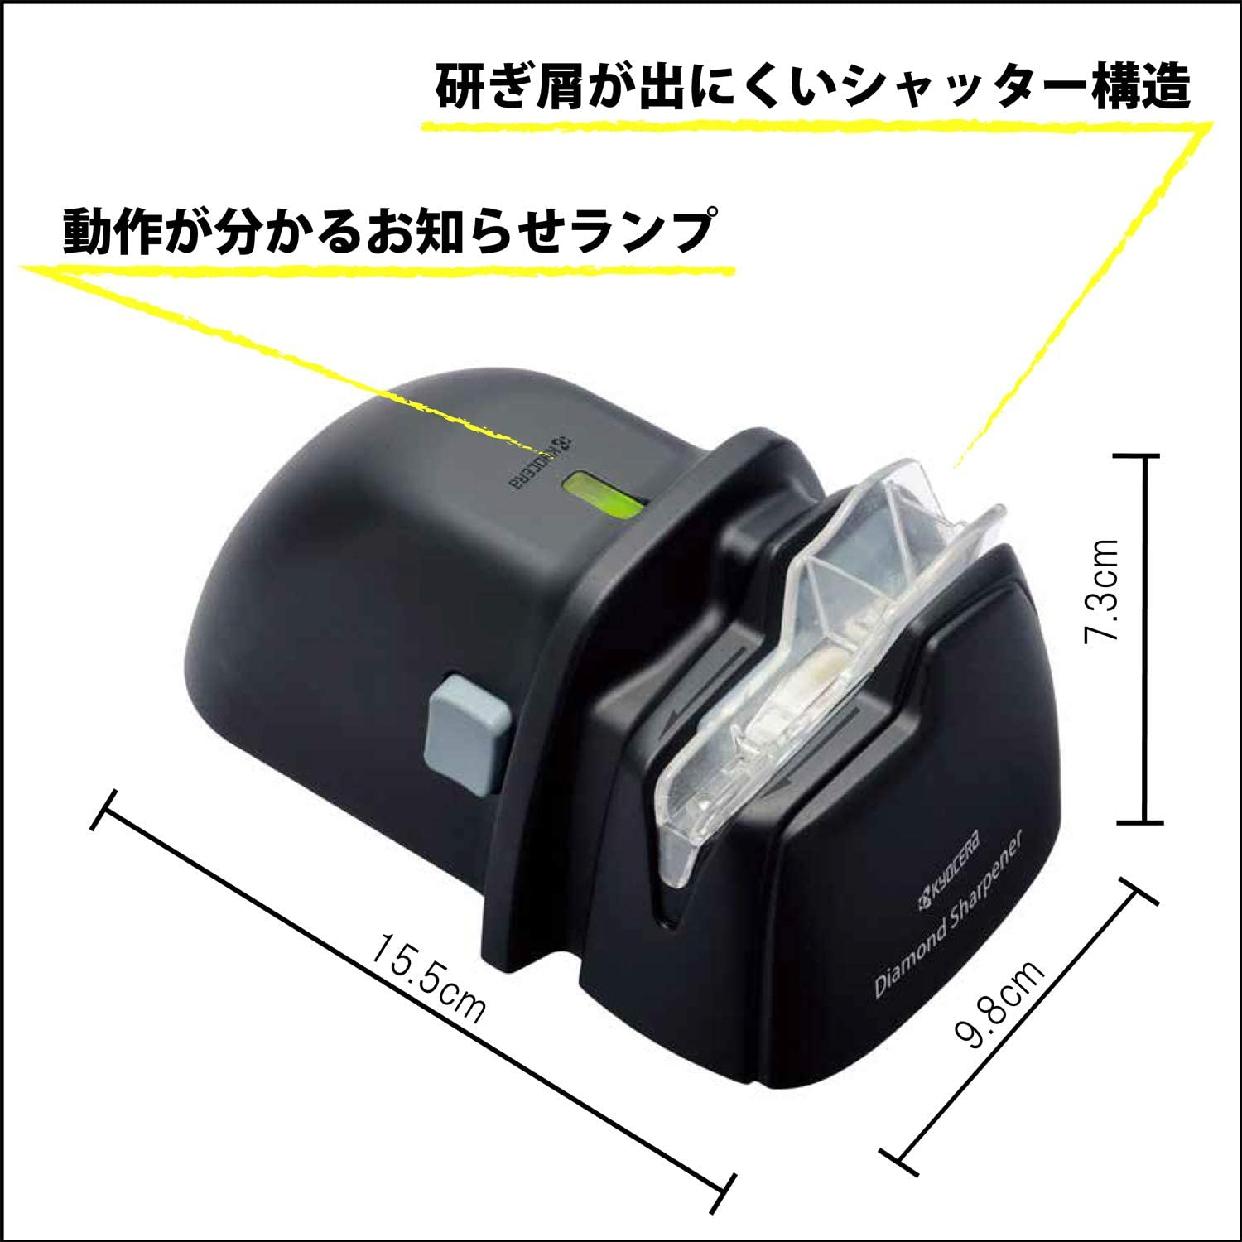 京セラ(キョウセラ)電動ダイヤモンドシャープナー DS-38の商品画像3